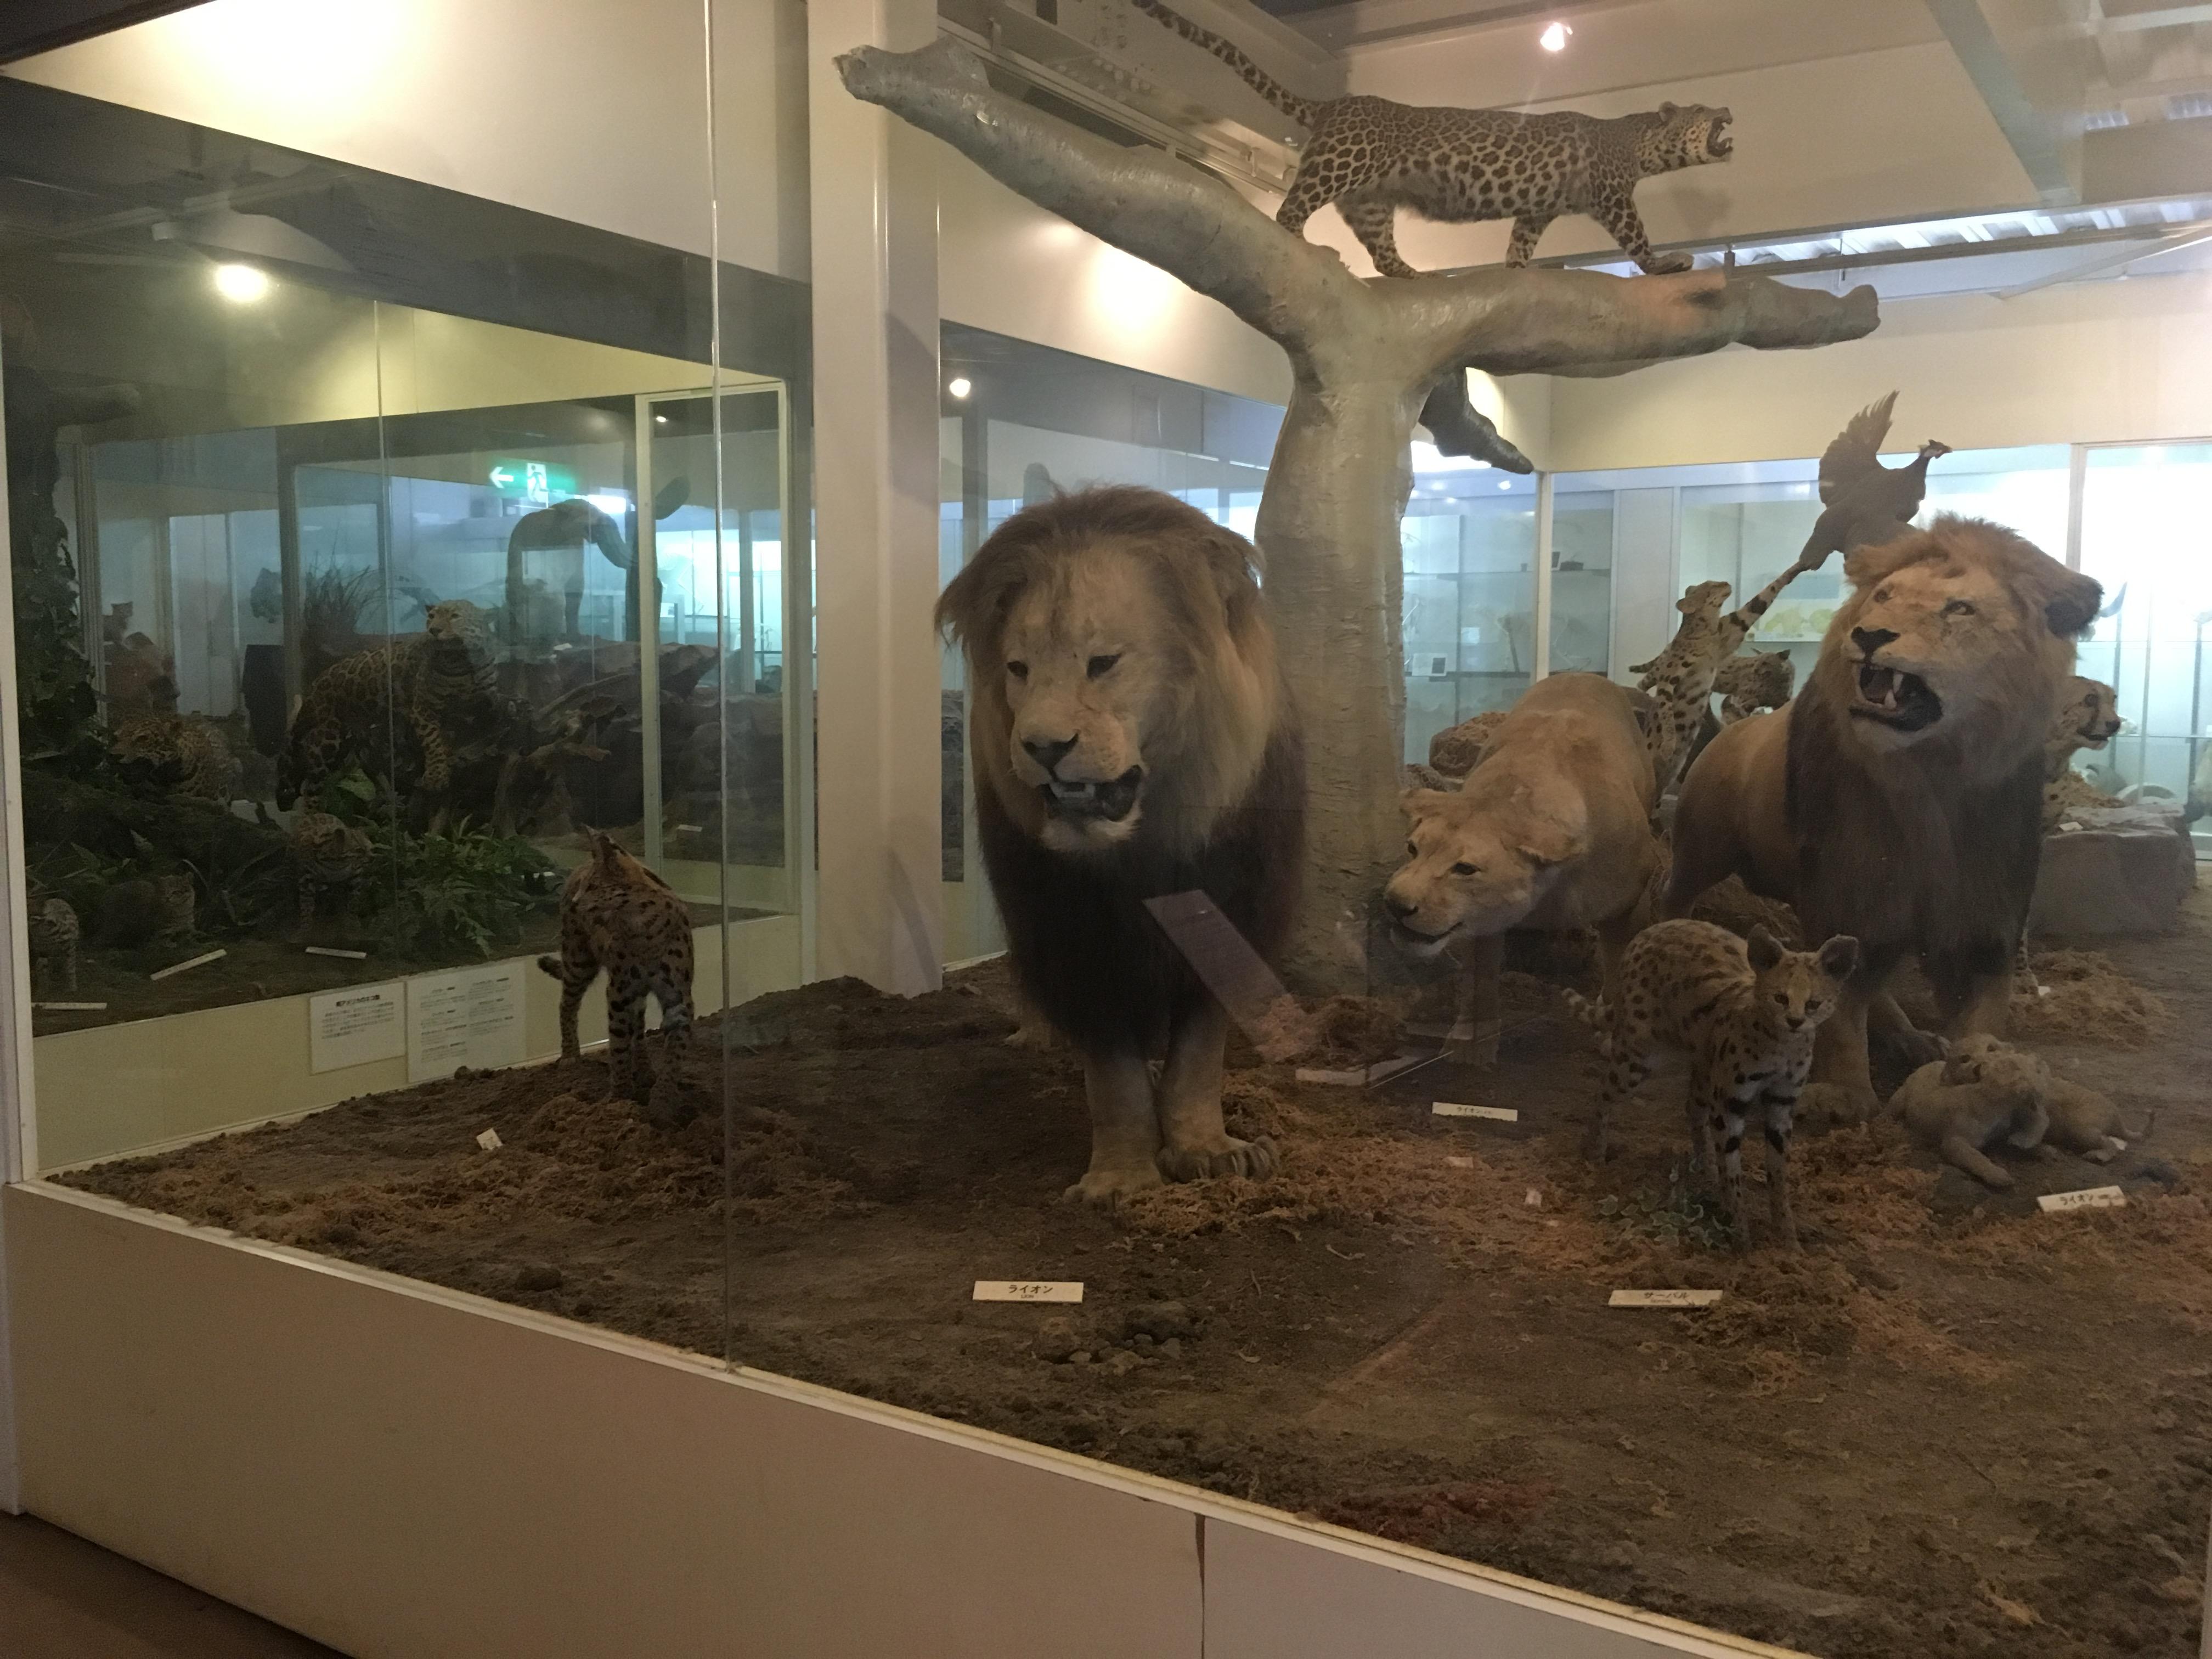 静岡の穴場ねこの博物館1階のライオンたち